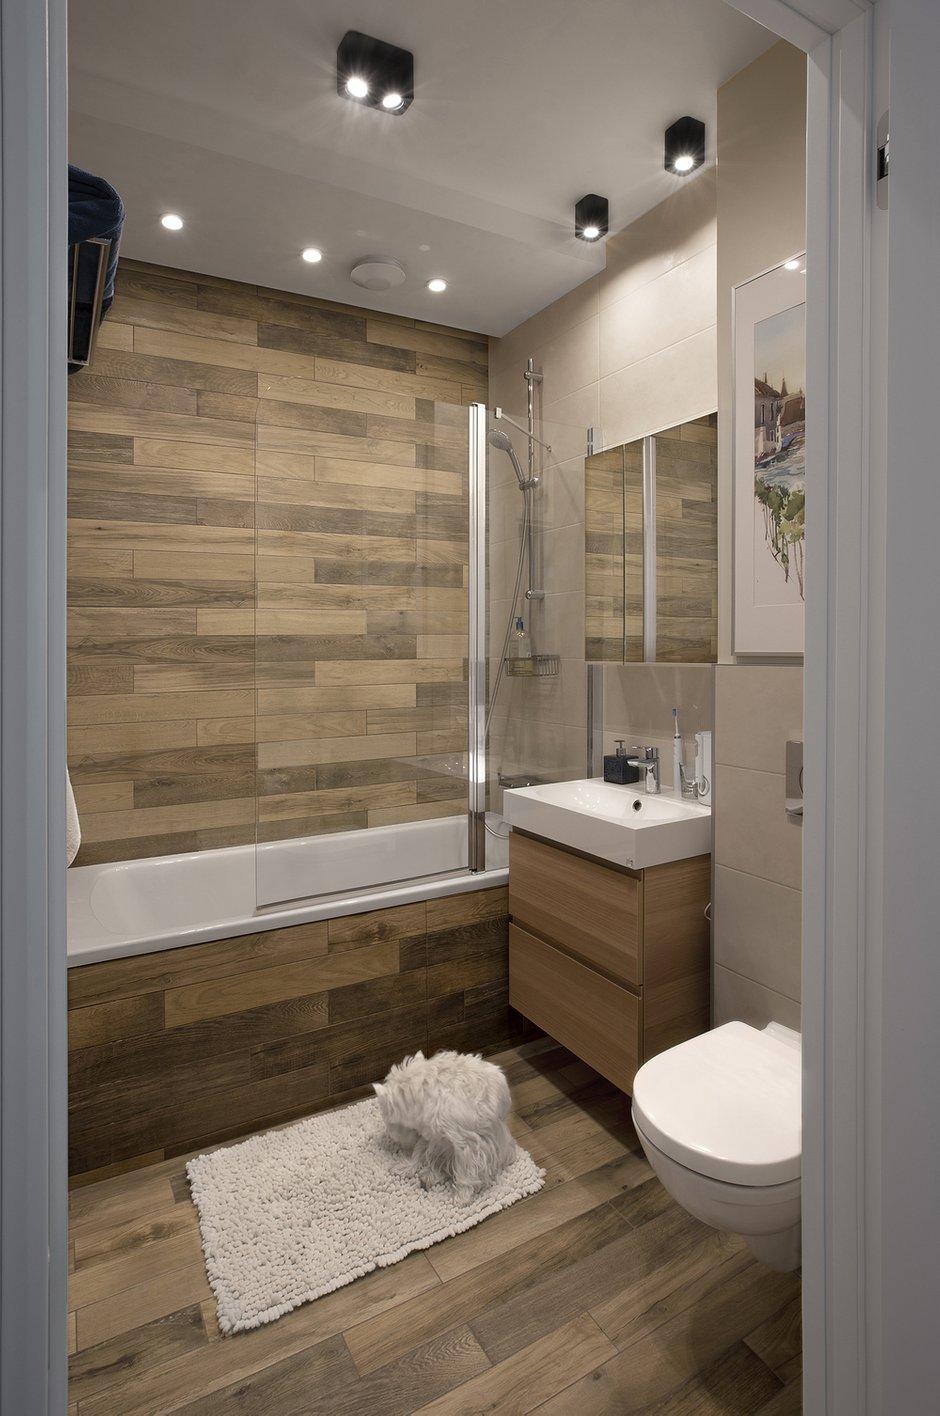 Фотография: Ванная в стиле Современный, Квартира, Проект недели, Санкт-Петербург, 3 комнаты, 60-90 метров, BAS.architects – фото на INMYROOM